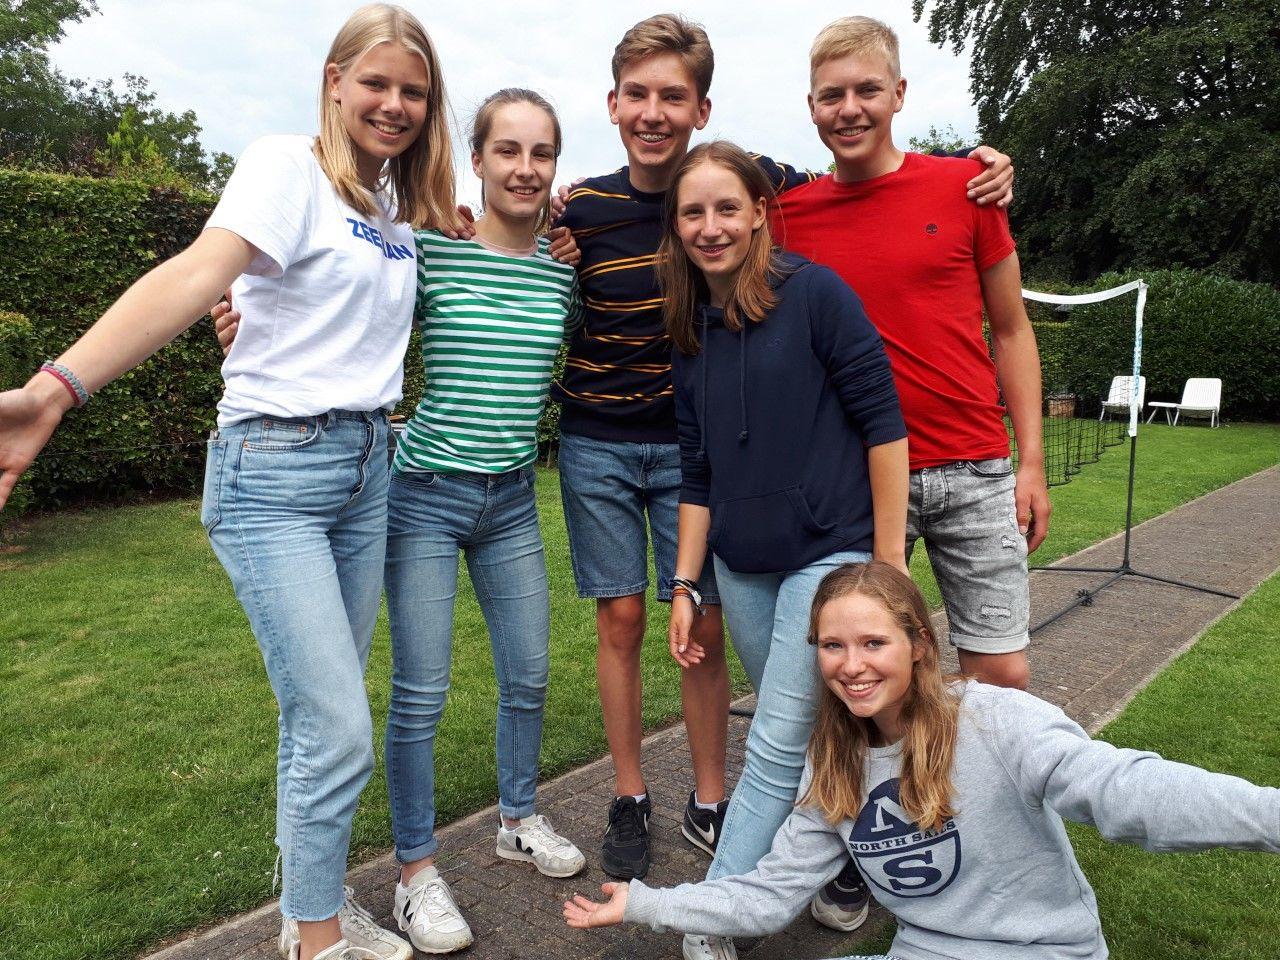 De 6 jongeren die meedoen aan Jeugd aan Zet 2020 in Westervoort.